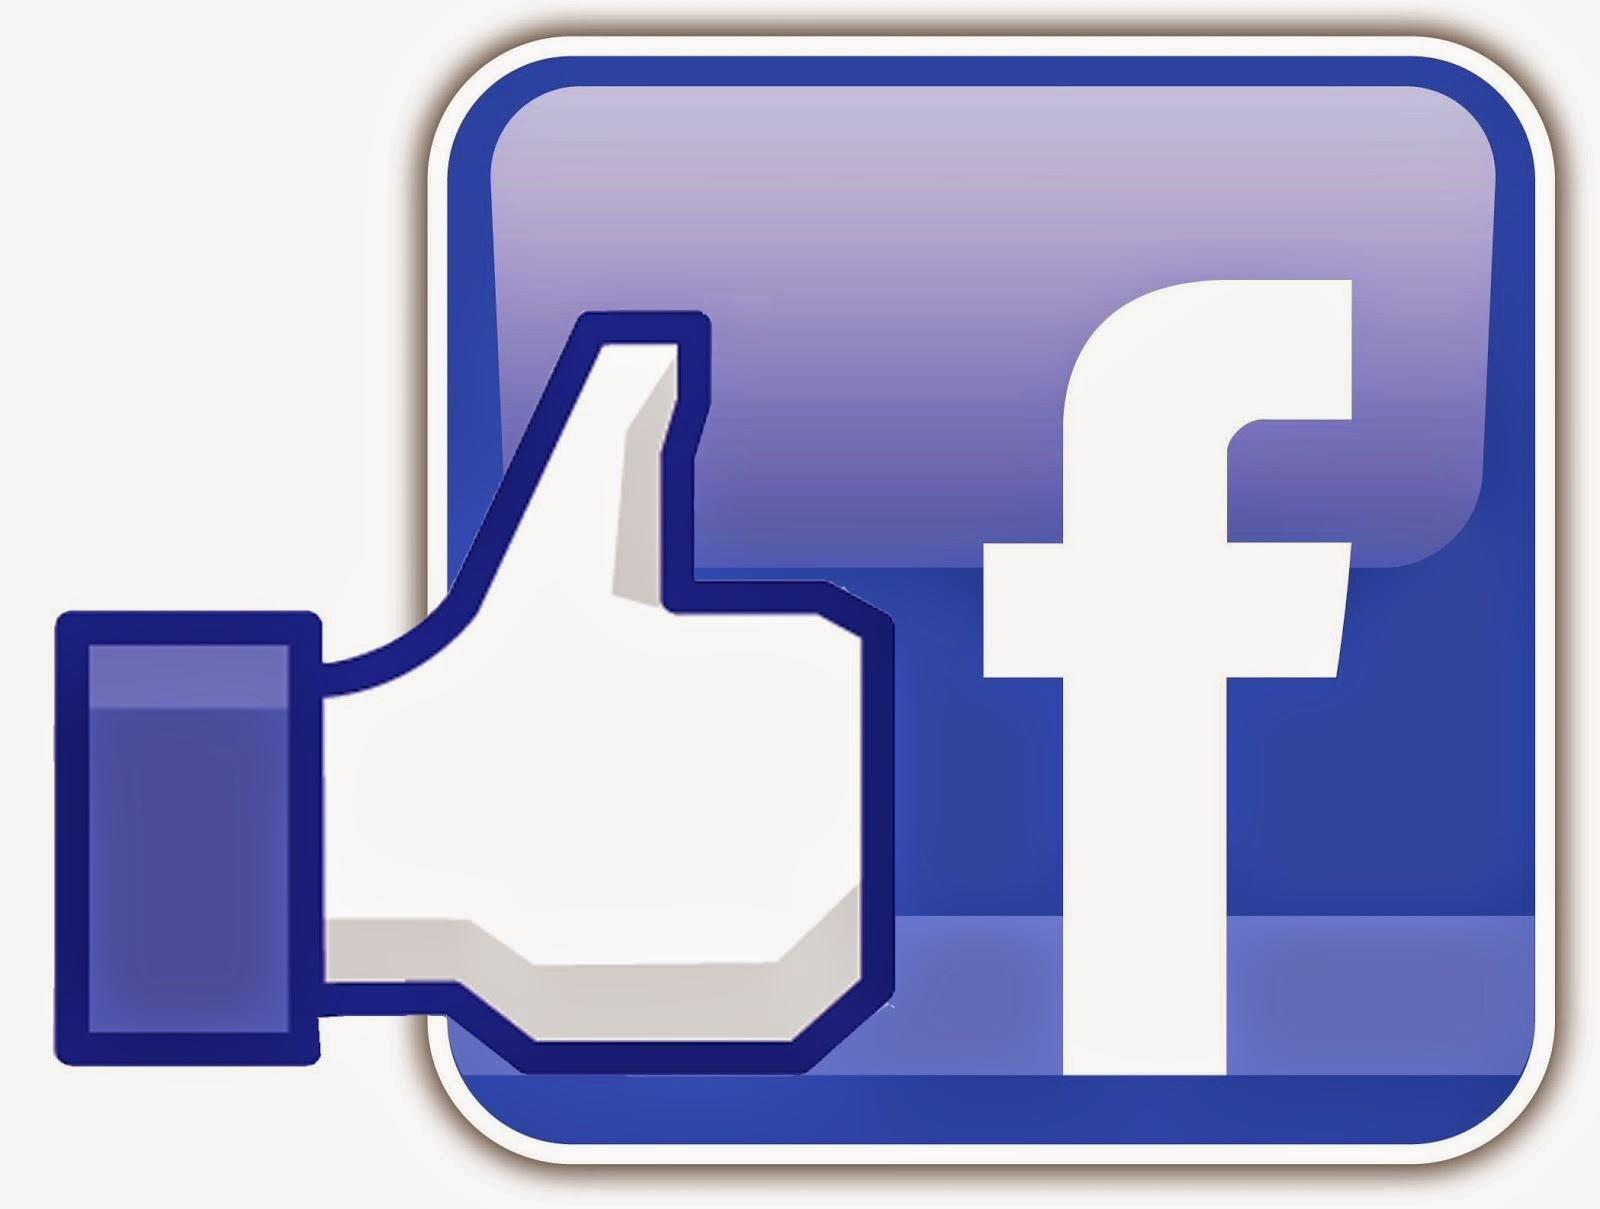 Pagina do Facebook